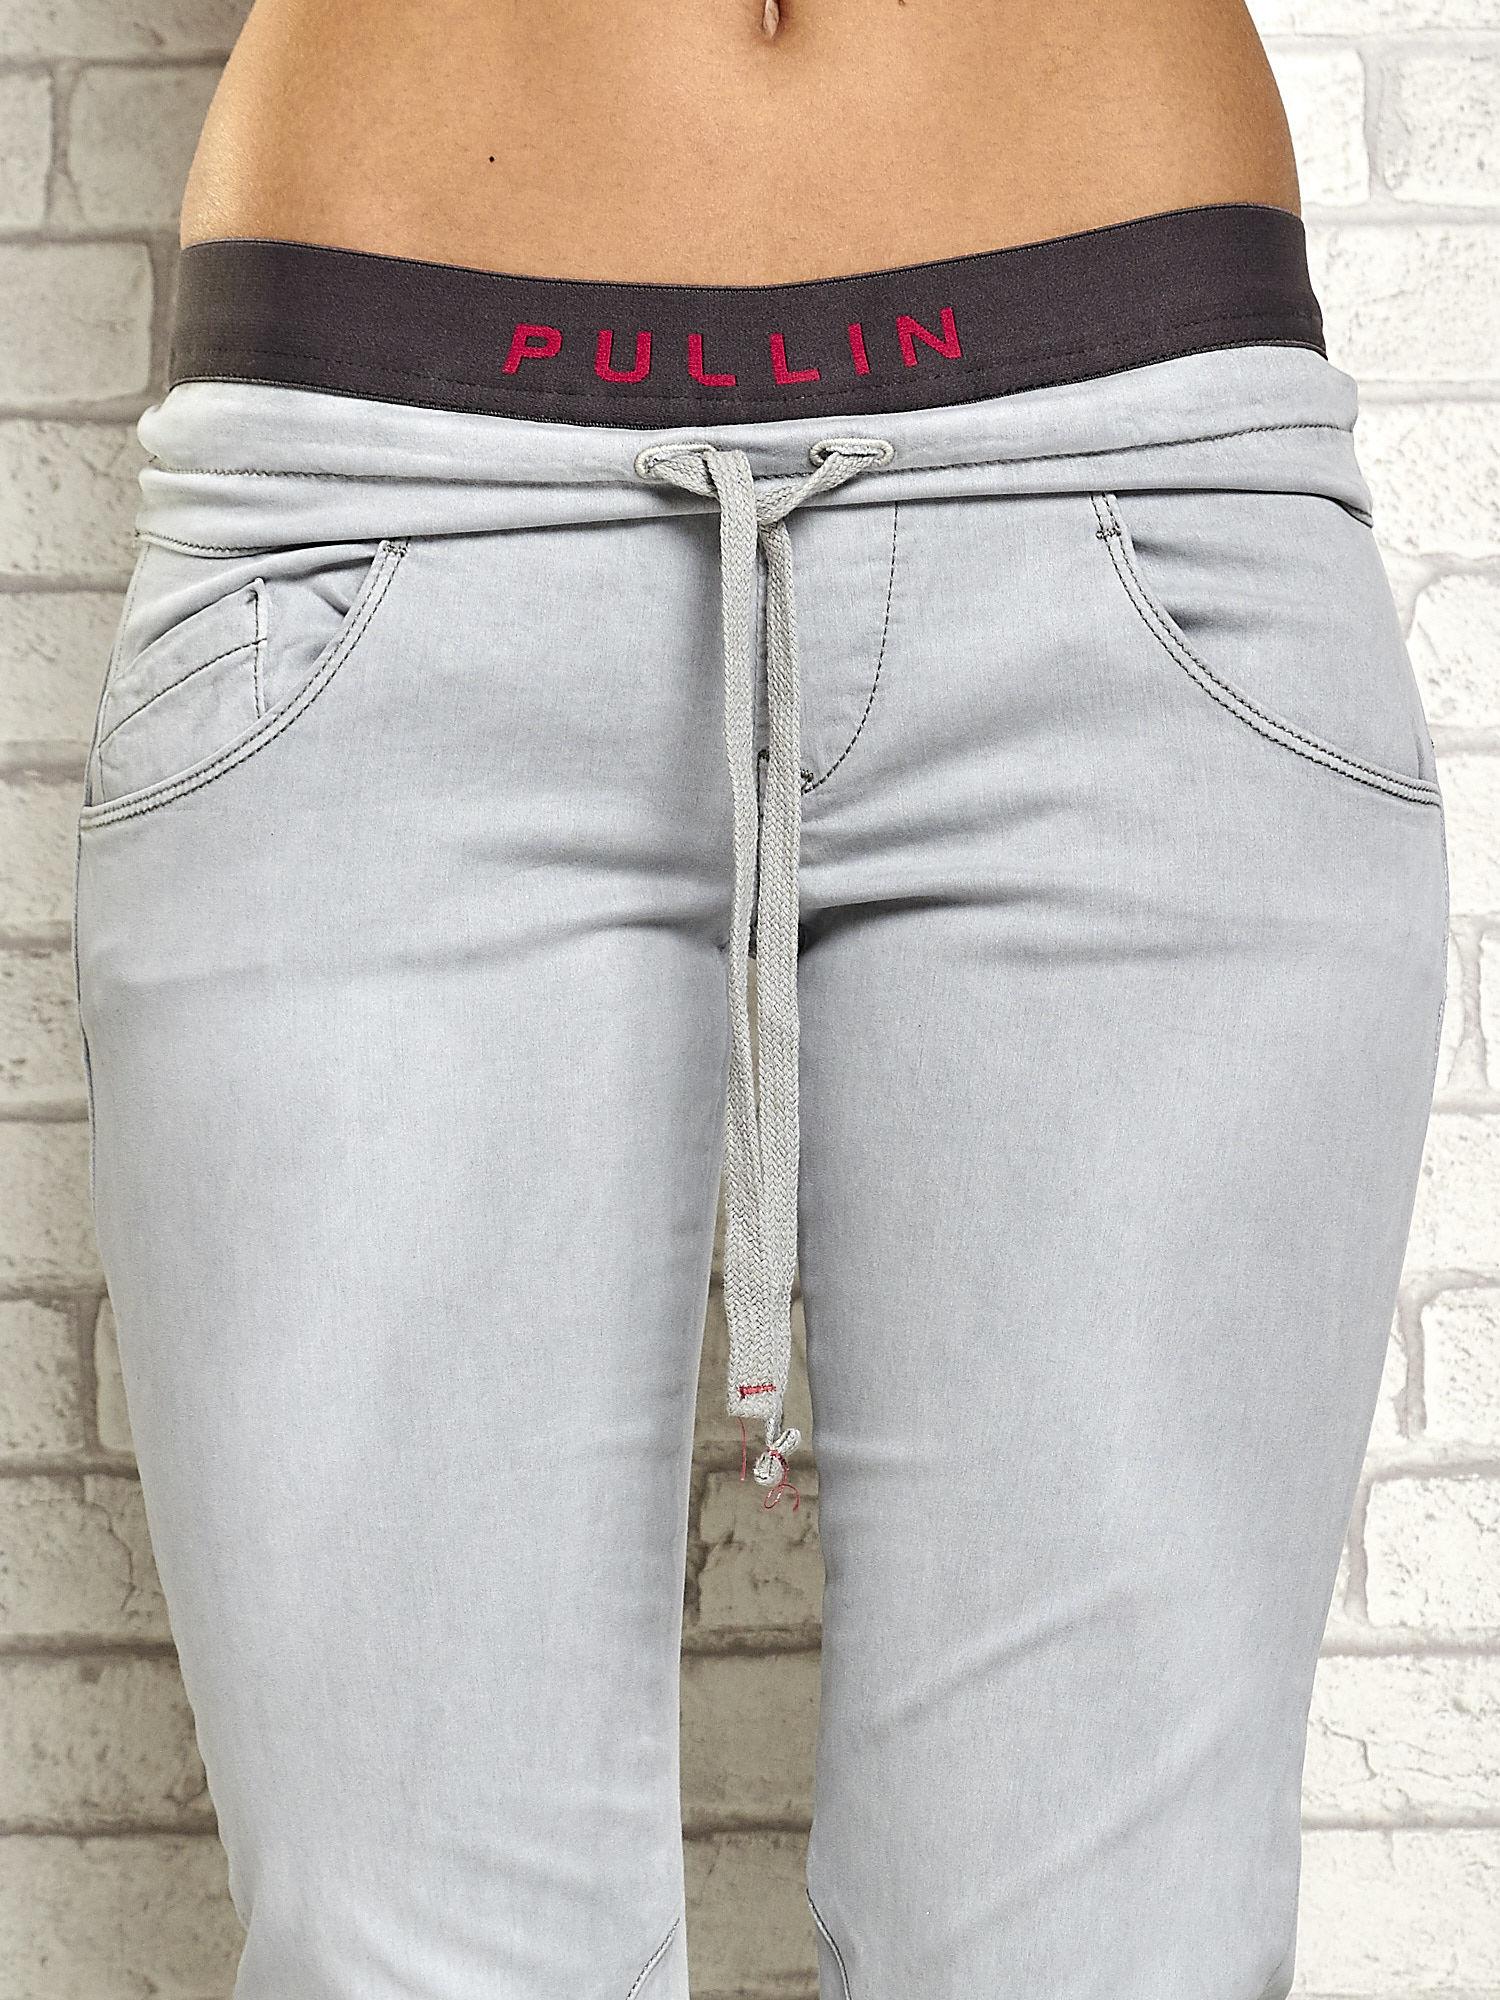 Szare spodnie z przeszyciami i fuksjową gumką w pasie                                  zdj.                                  4